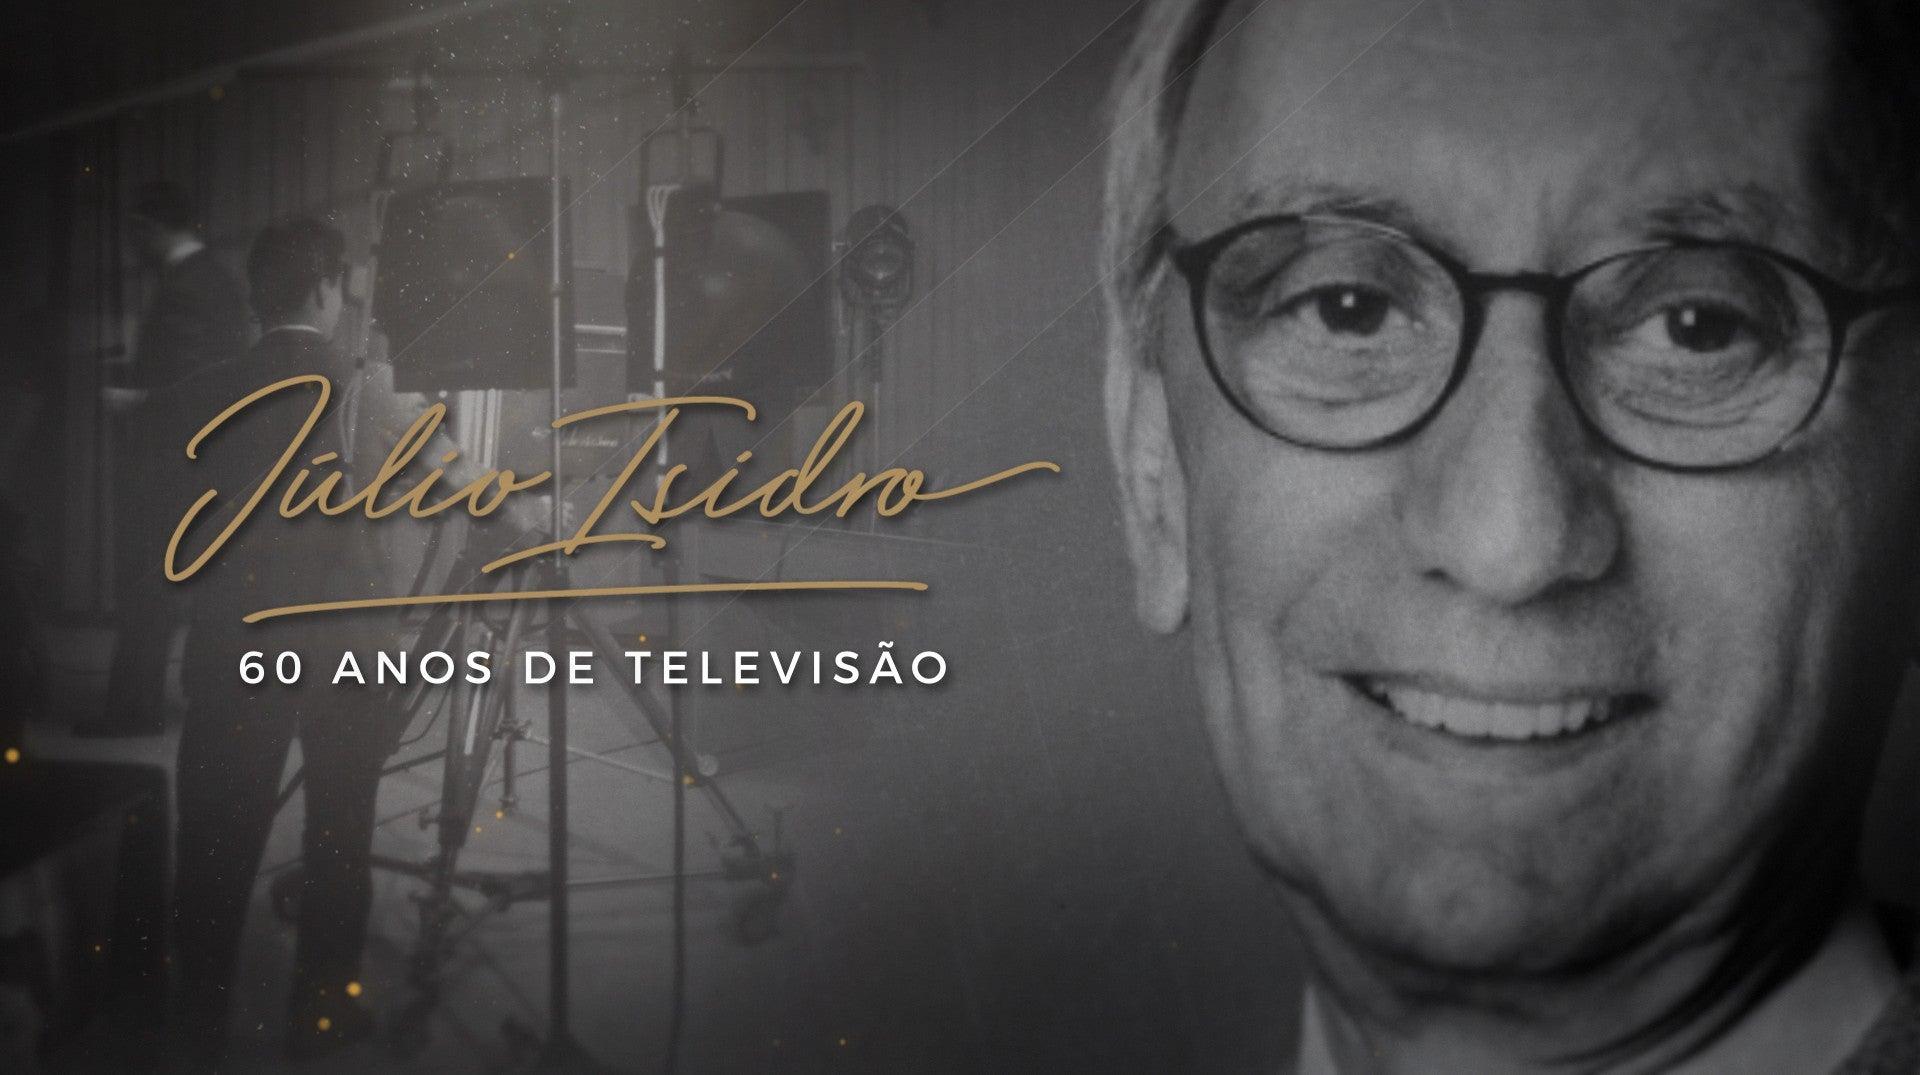 Júlio Isidro - 60 Anos de Televisão